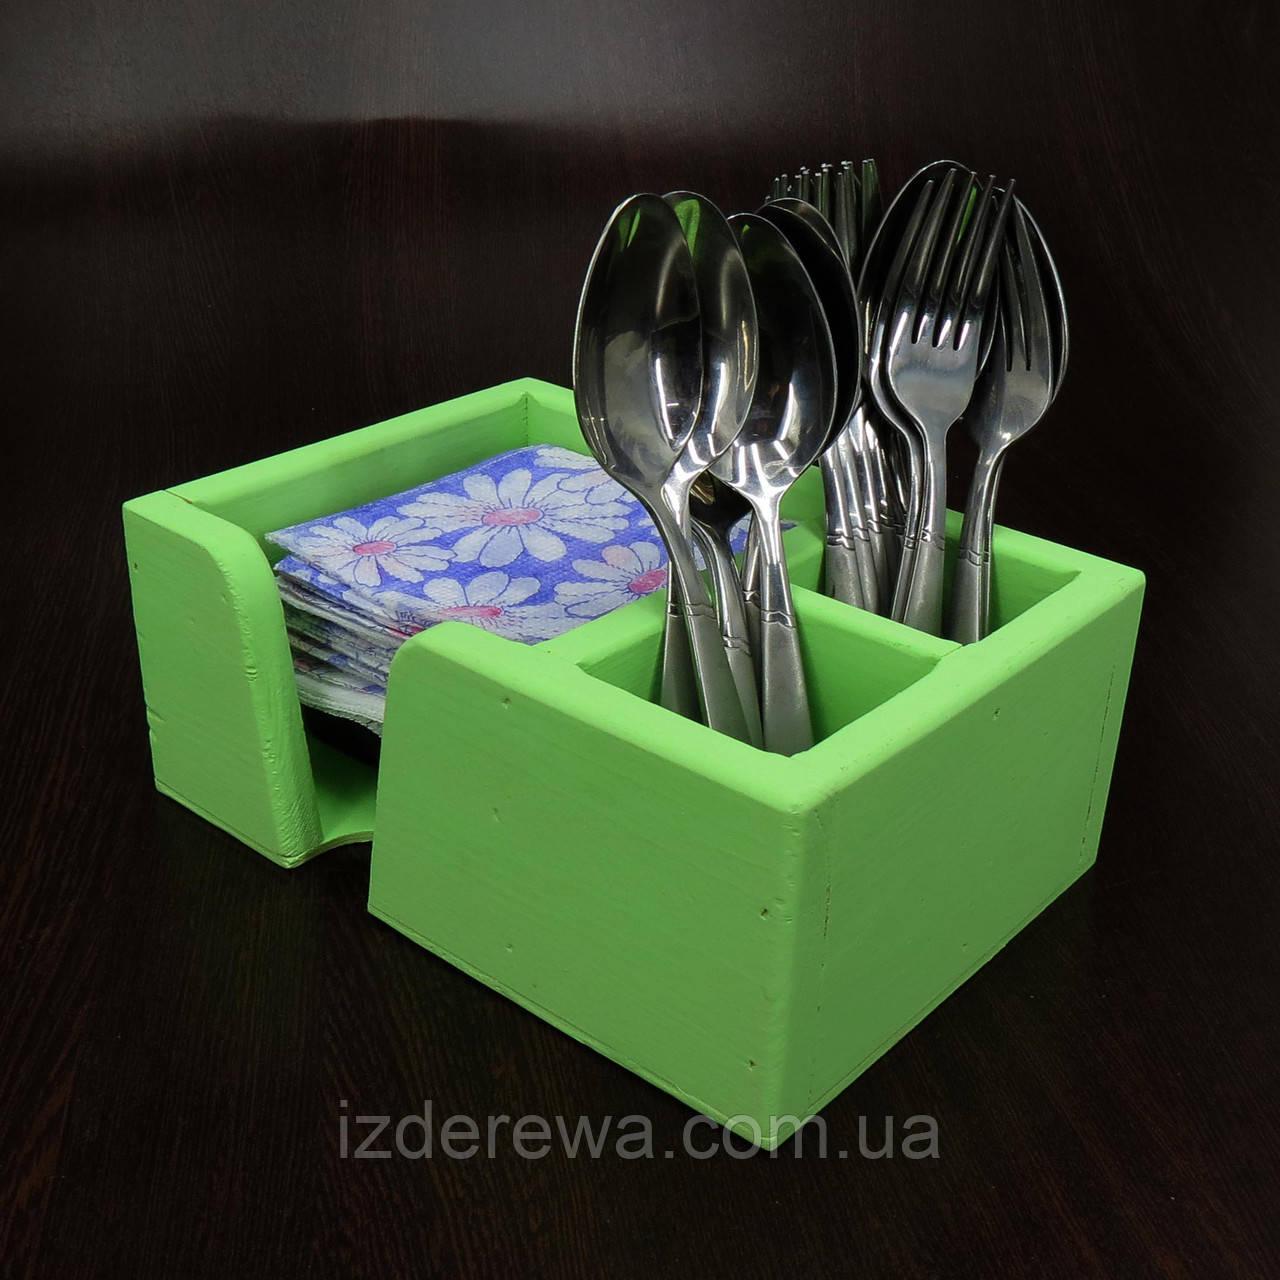 """Подставка для столовых приборов """"Аппетито"""" мохито"""